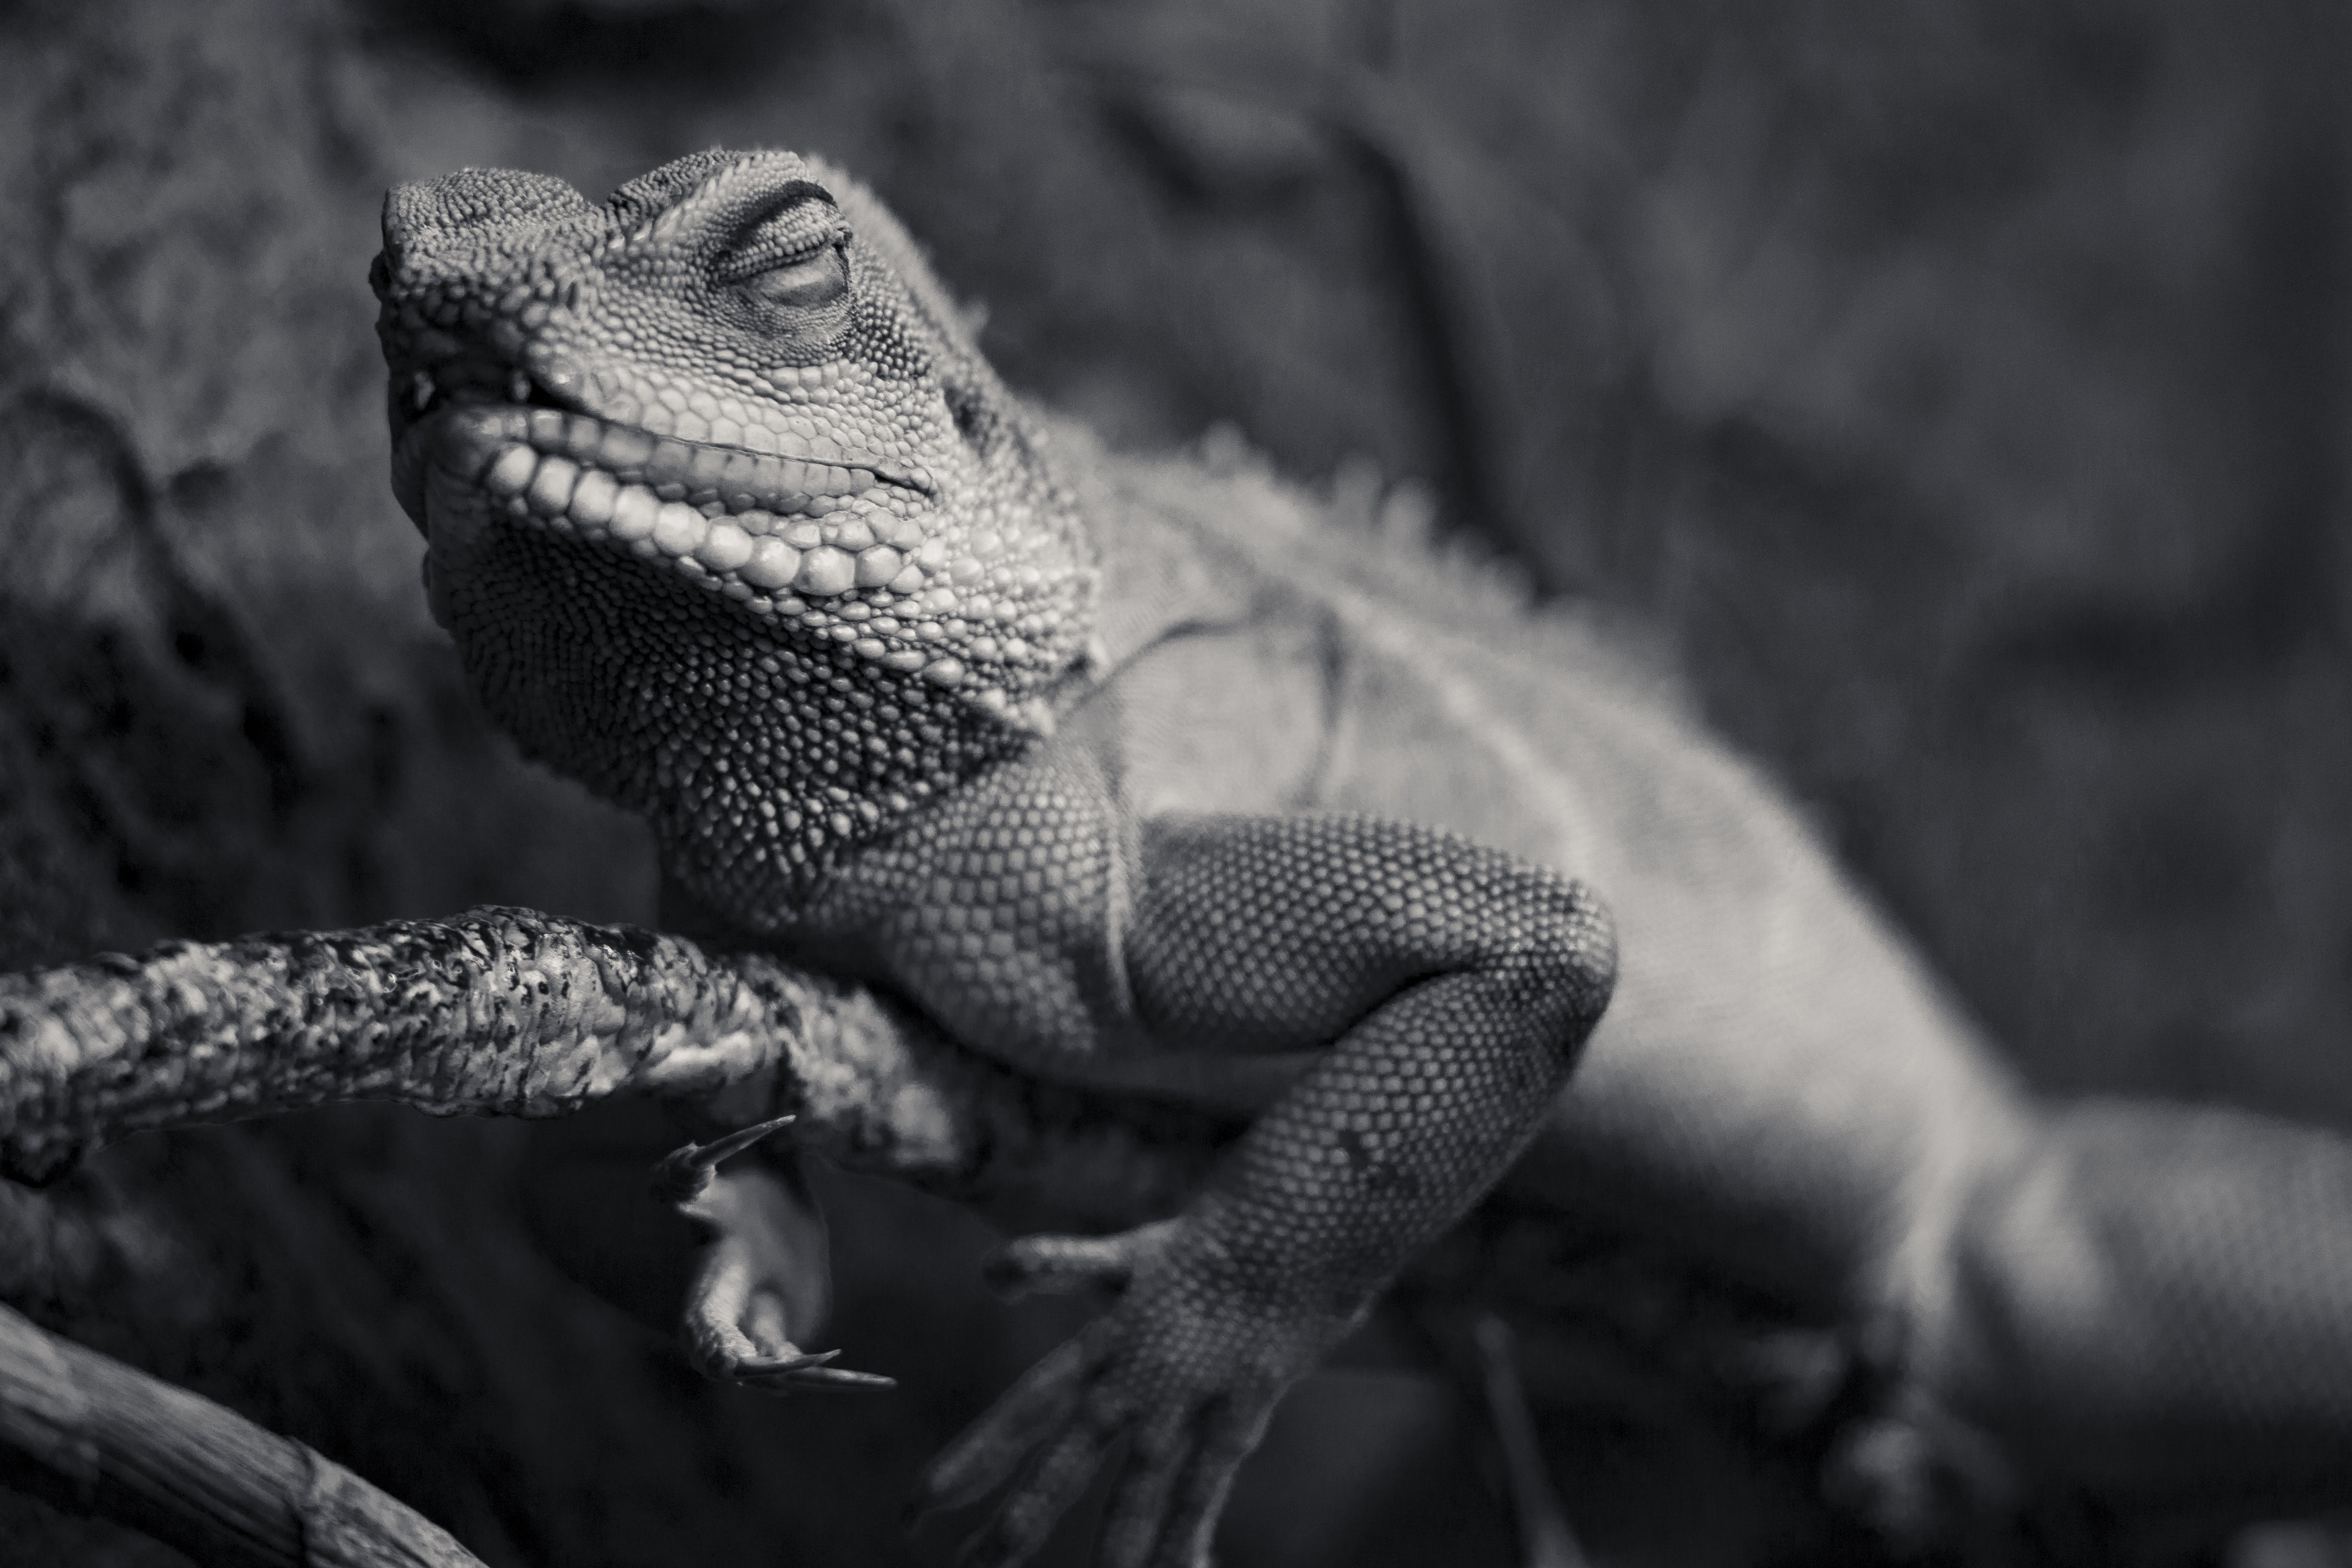 나무, 도마뱀, 동물, 동물 사진의 무료 스톡 사진